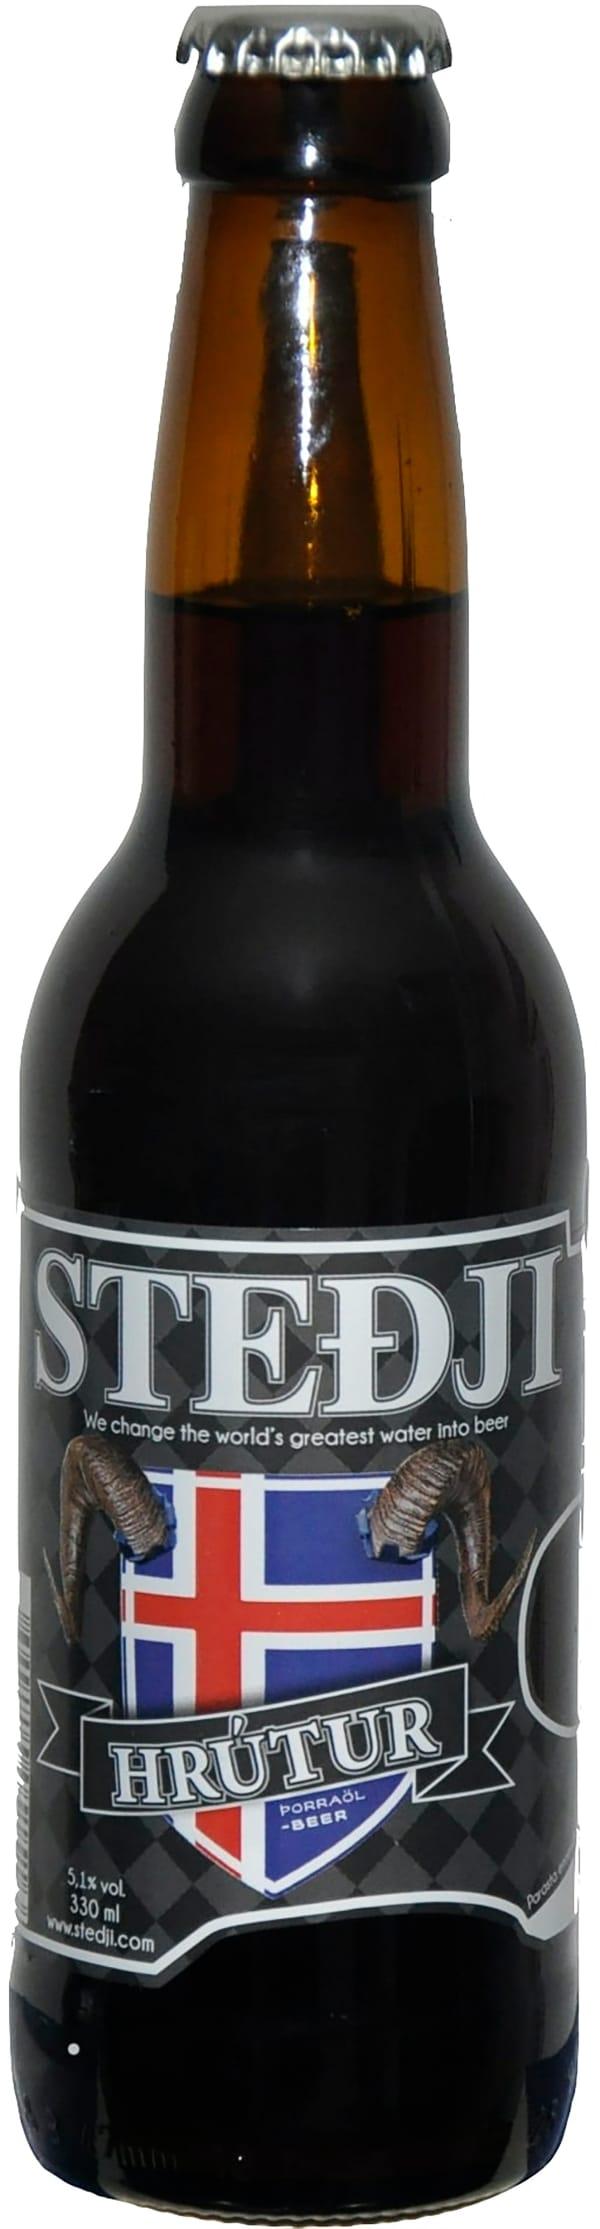 Brugghús Steðja Hrútur þorröl